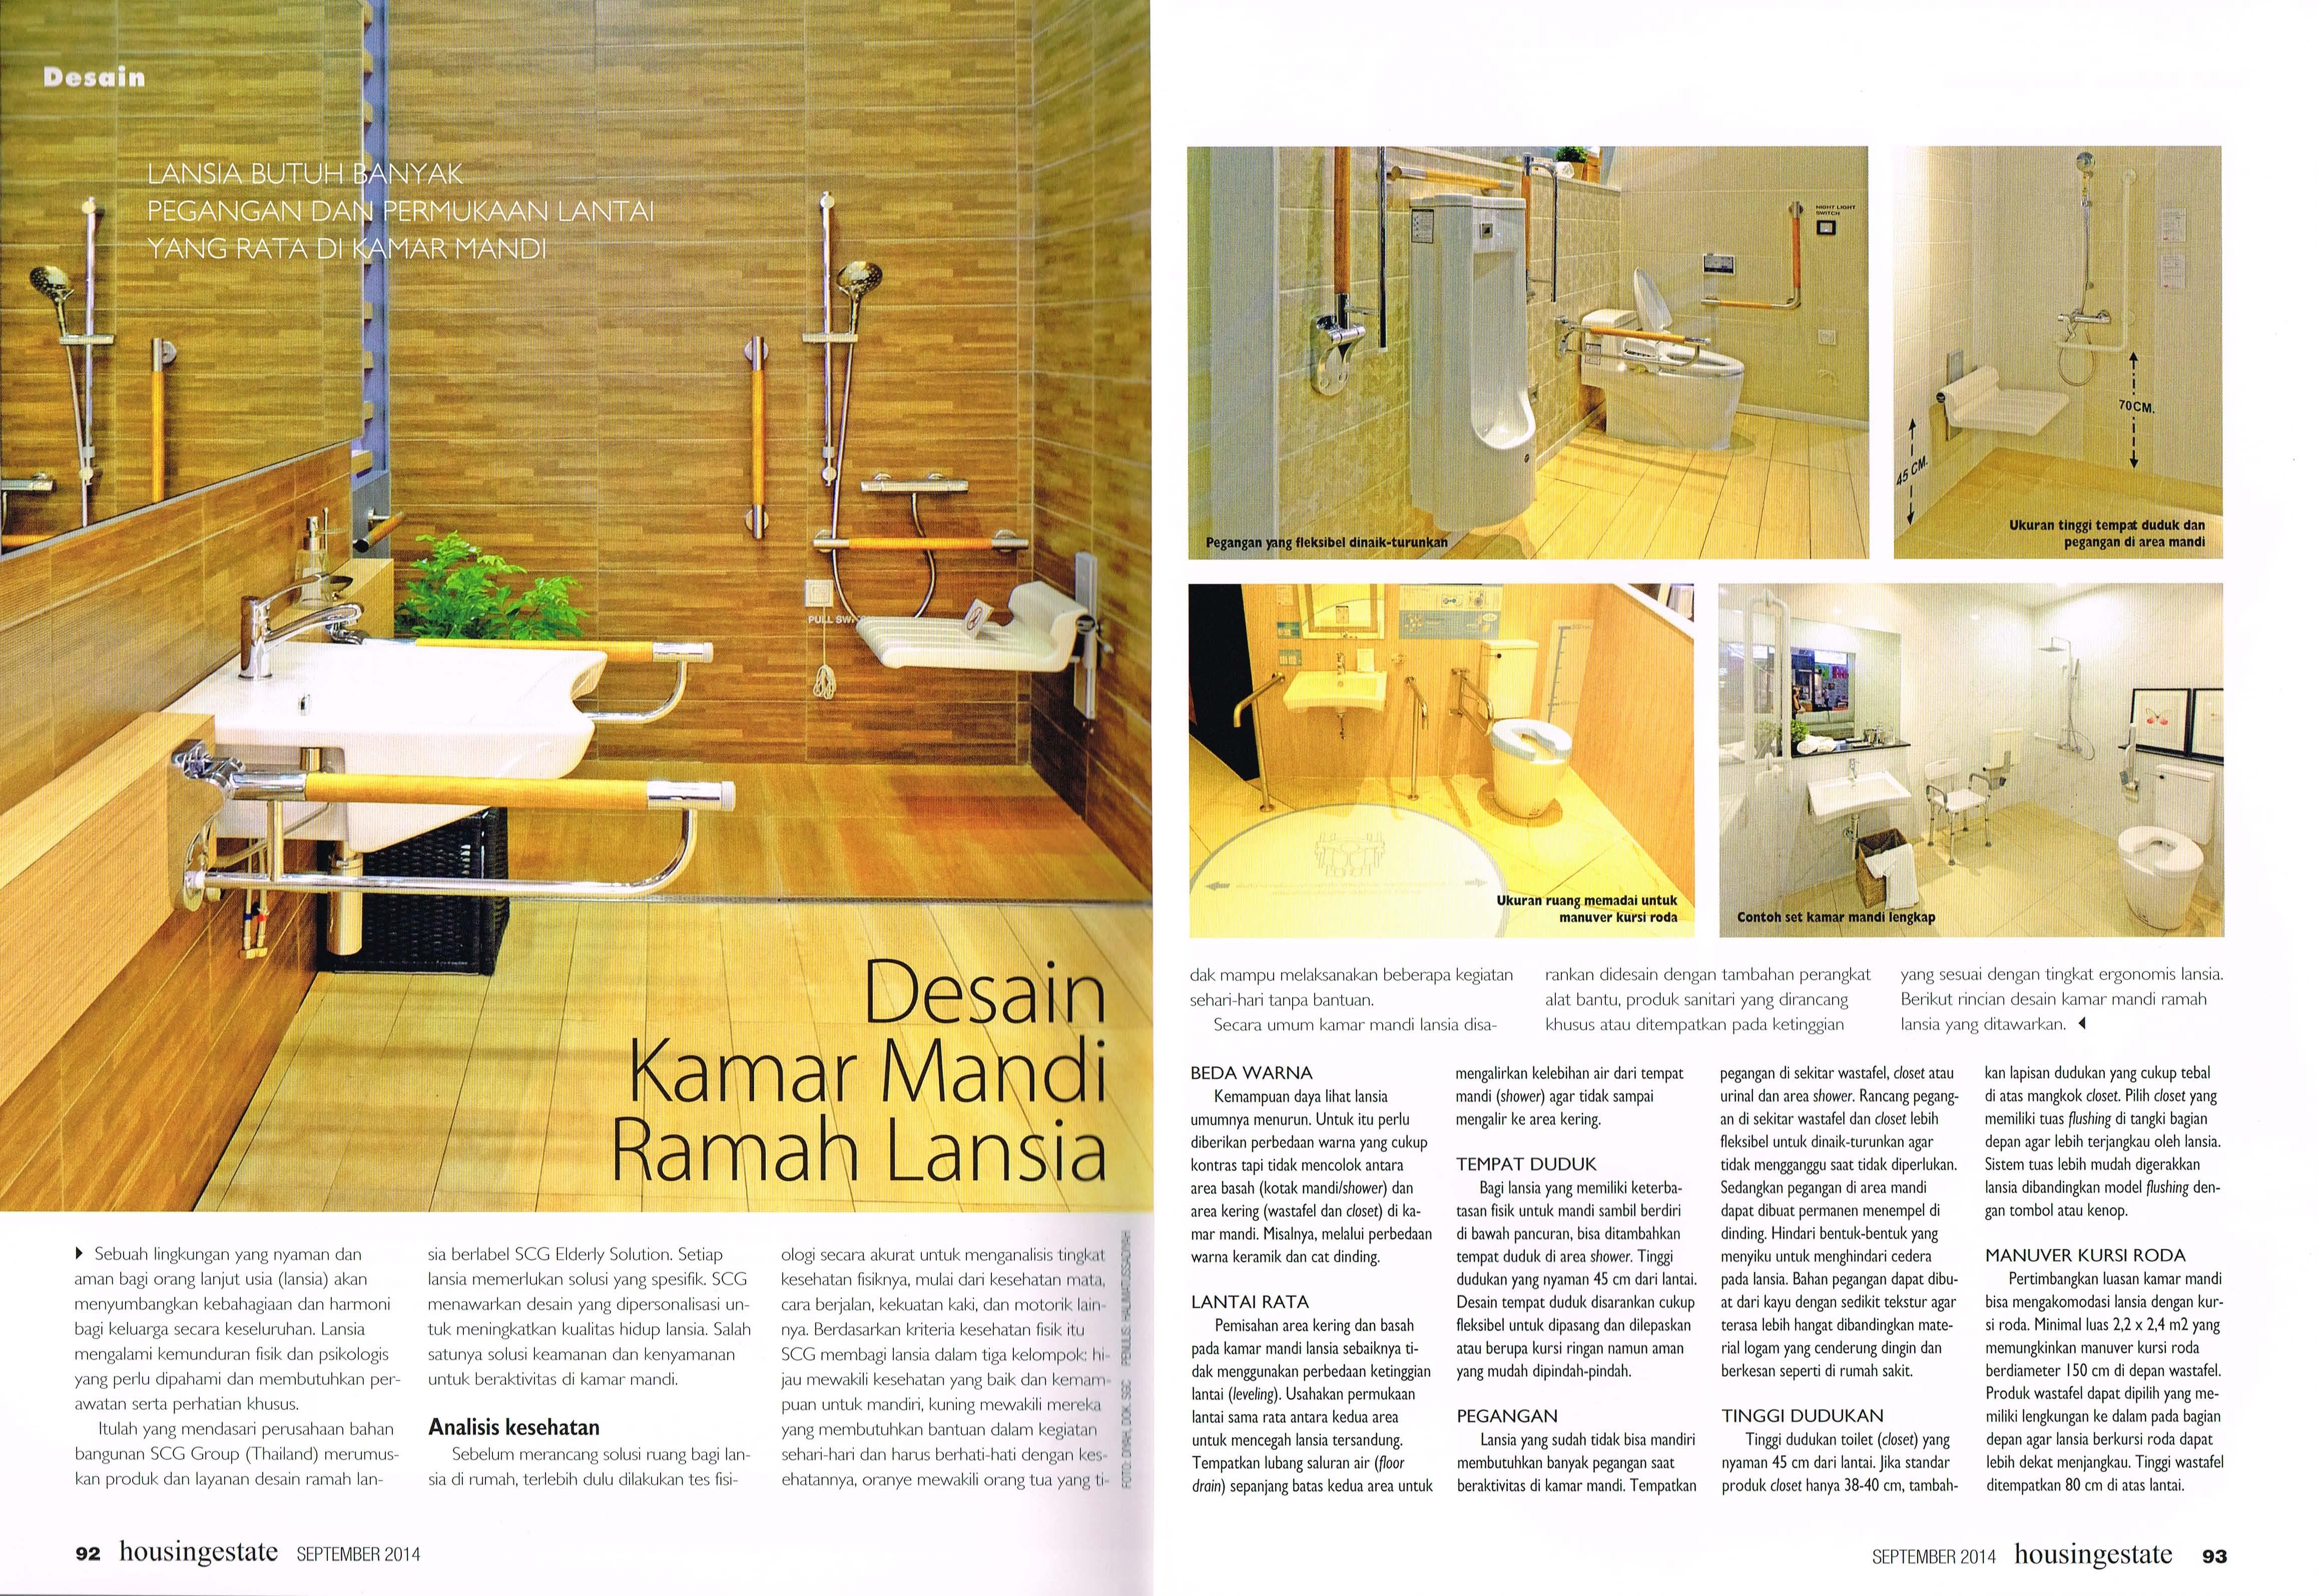 Desain Kamar Mandi Ramah Lansia Universitas Ciputra